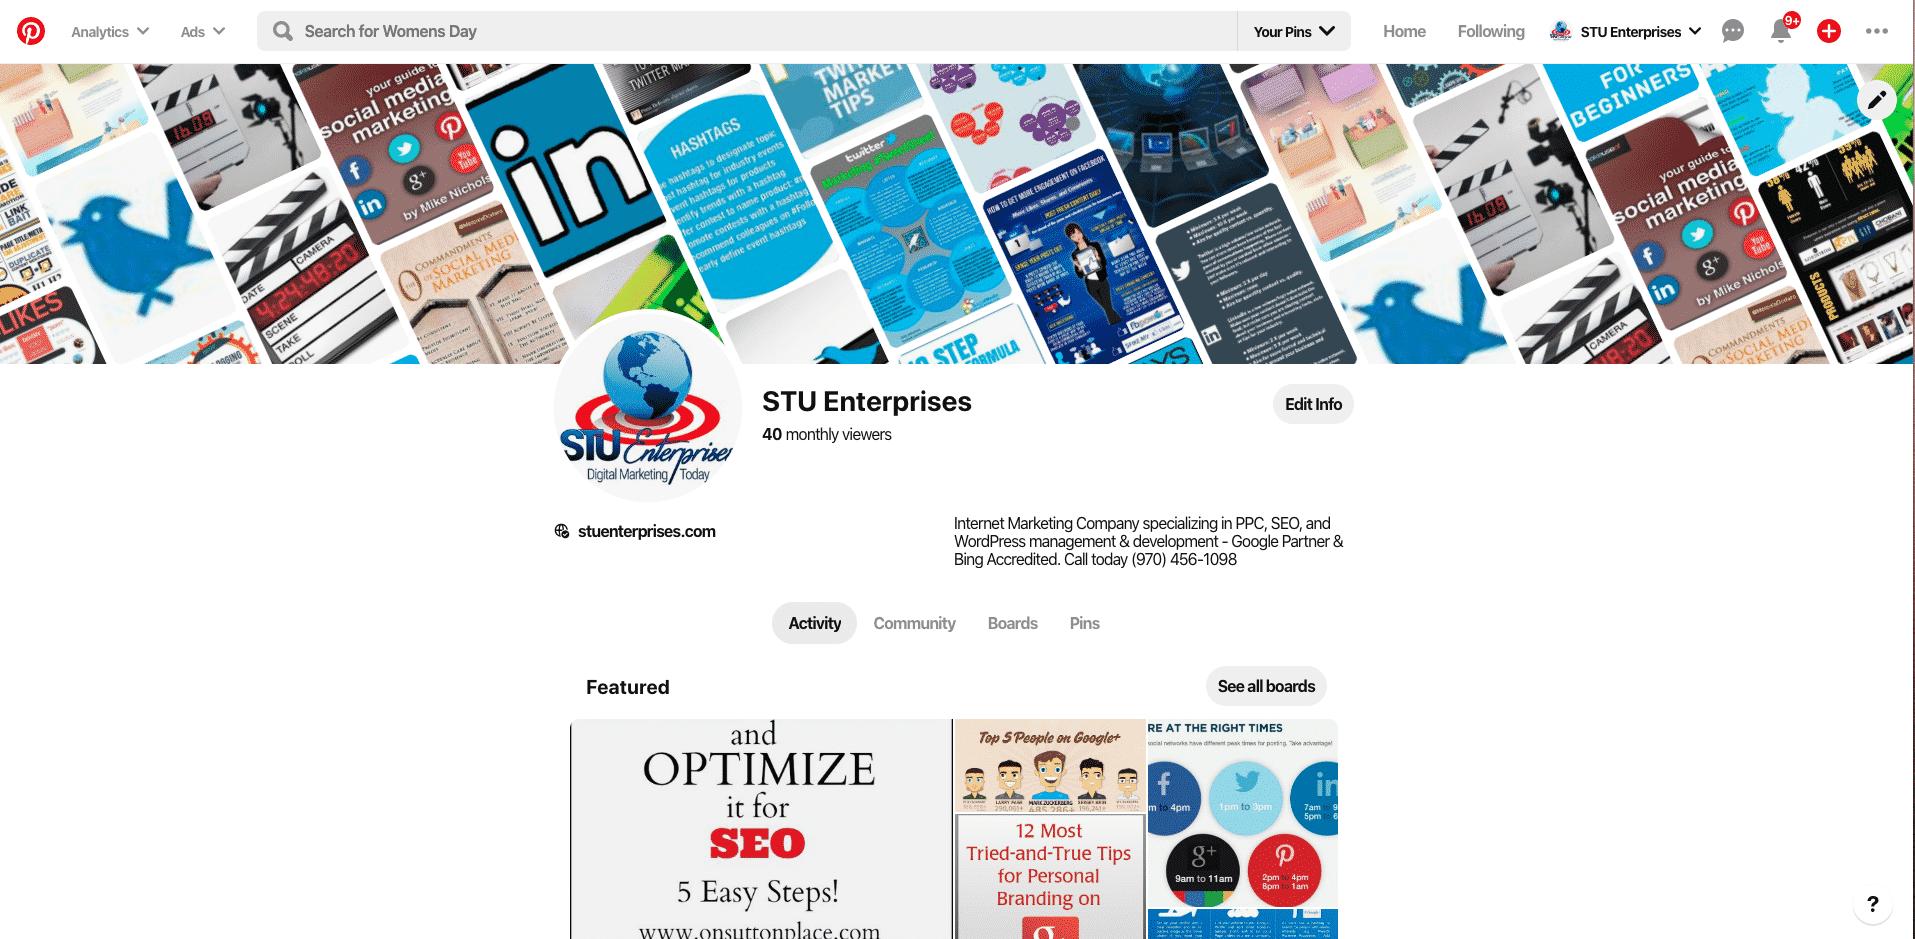 STU Enterprises Pinterest Page Live